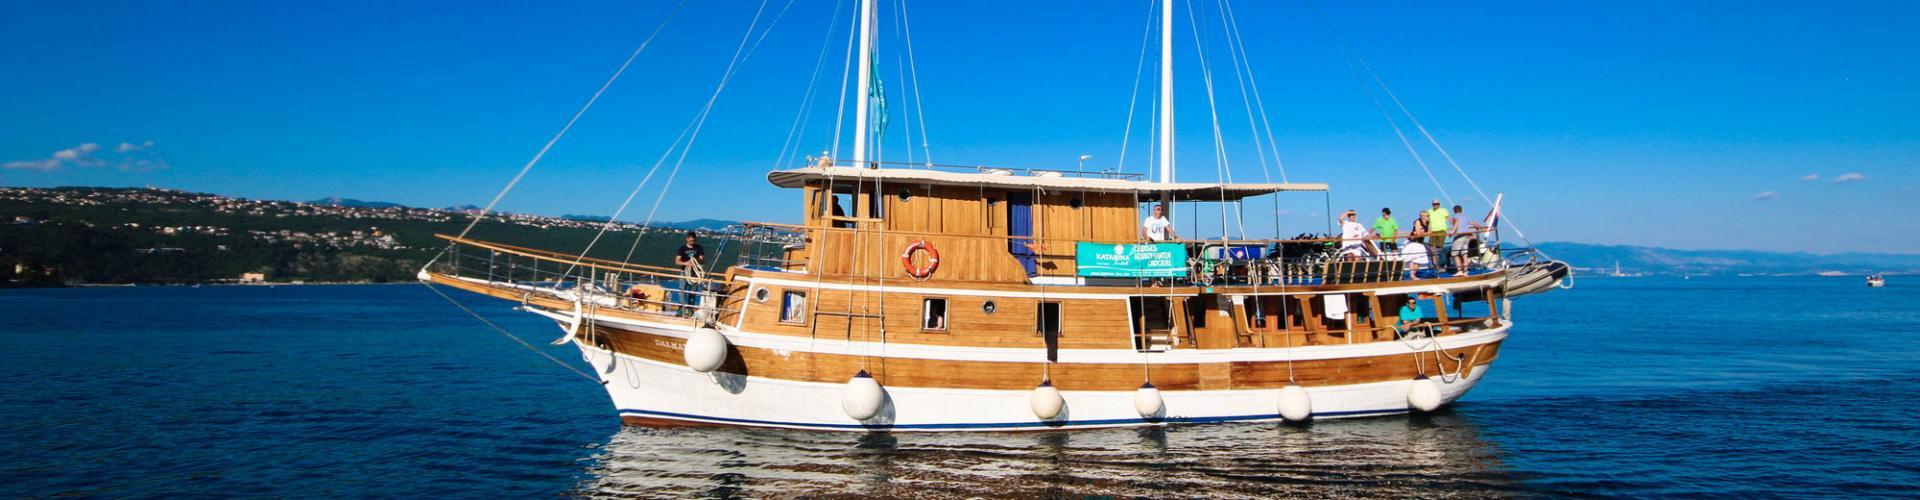 1968. Nave da crociera tradizionale Dalmatinka